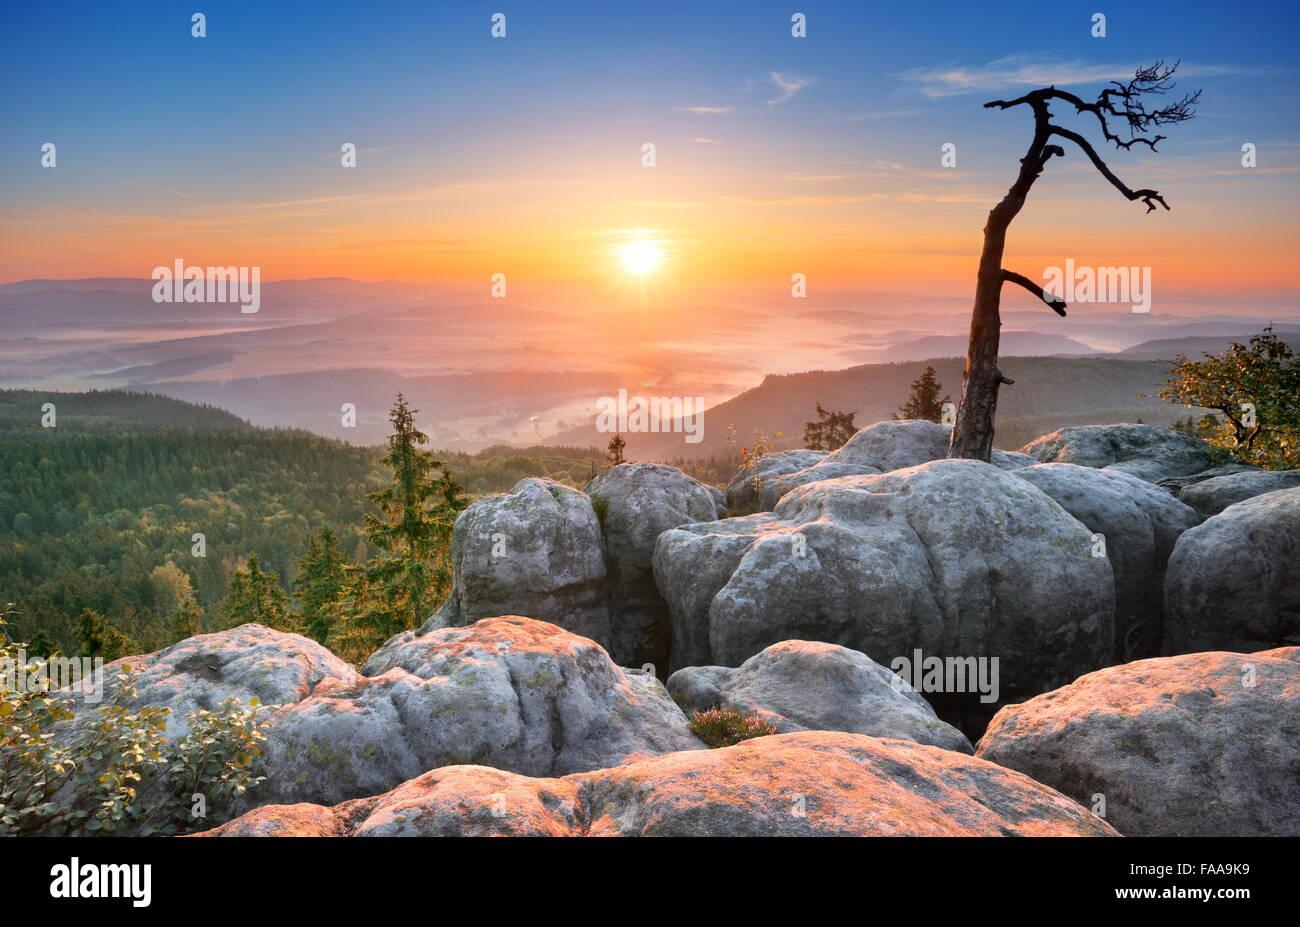 Seul arbre seul paysage à Sudètes au lever du soleil, Parc National, Pologne Photo Stock